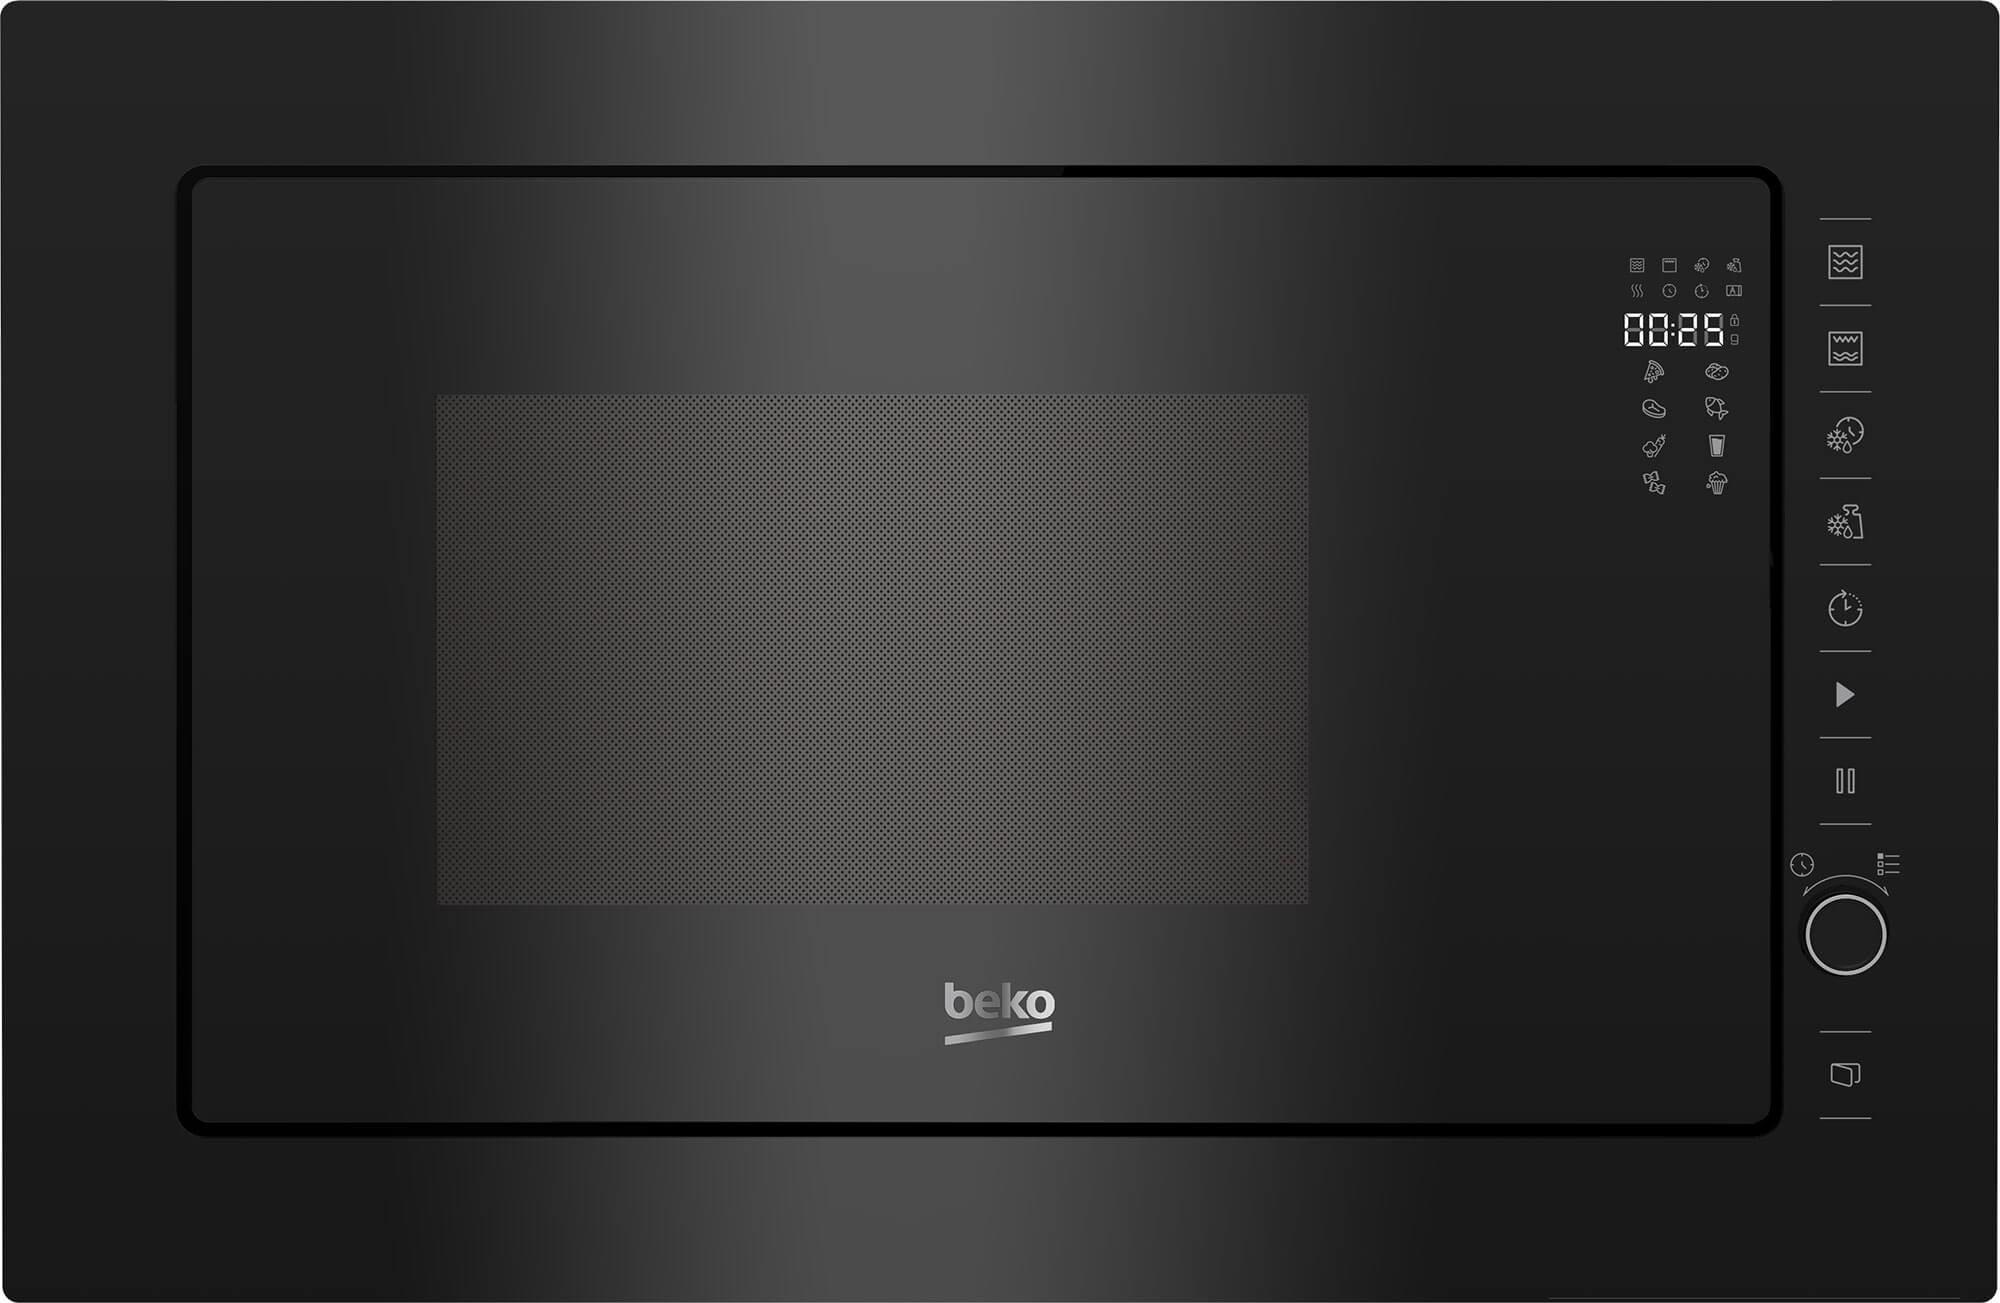 Cuptor cu microunde incorporabil Beko BMGB25333BG